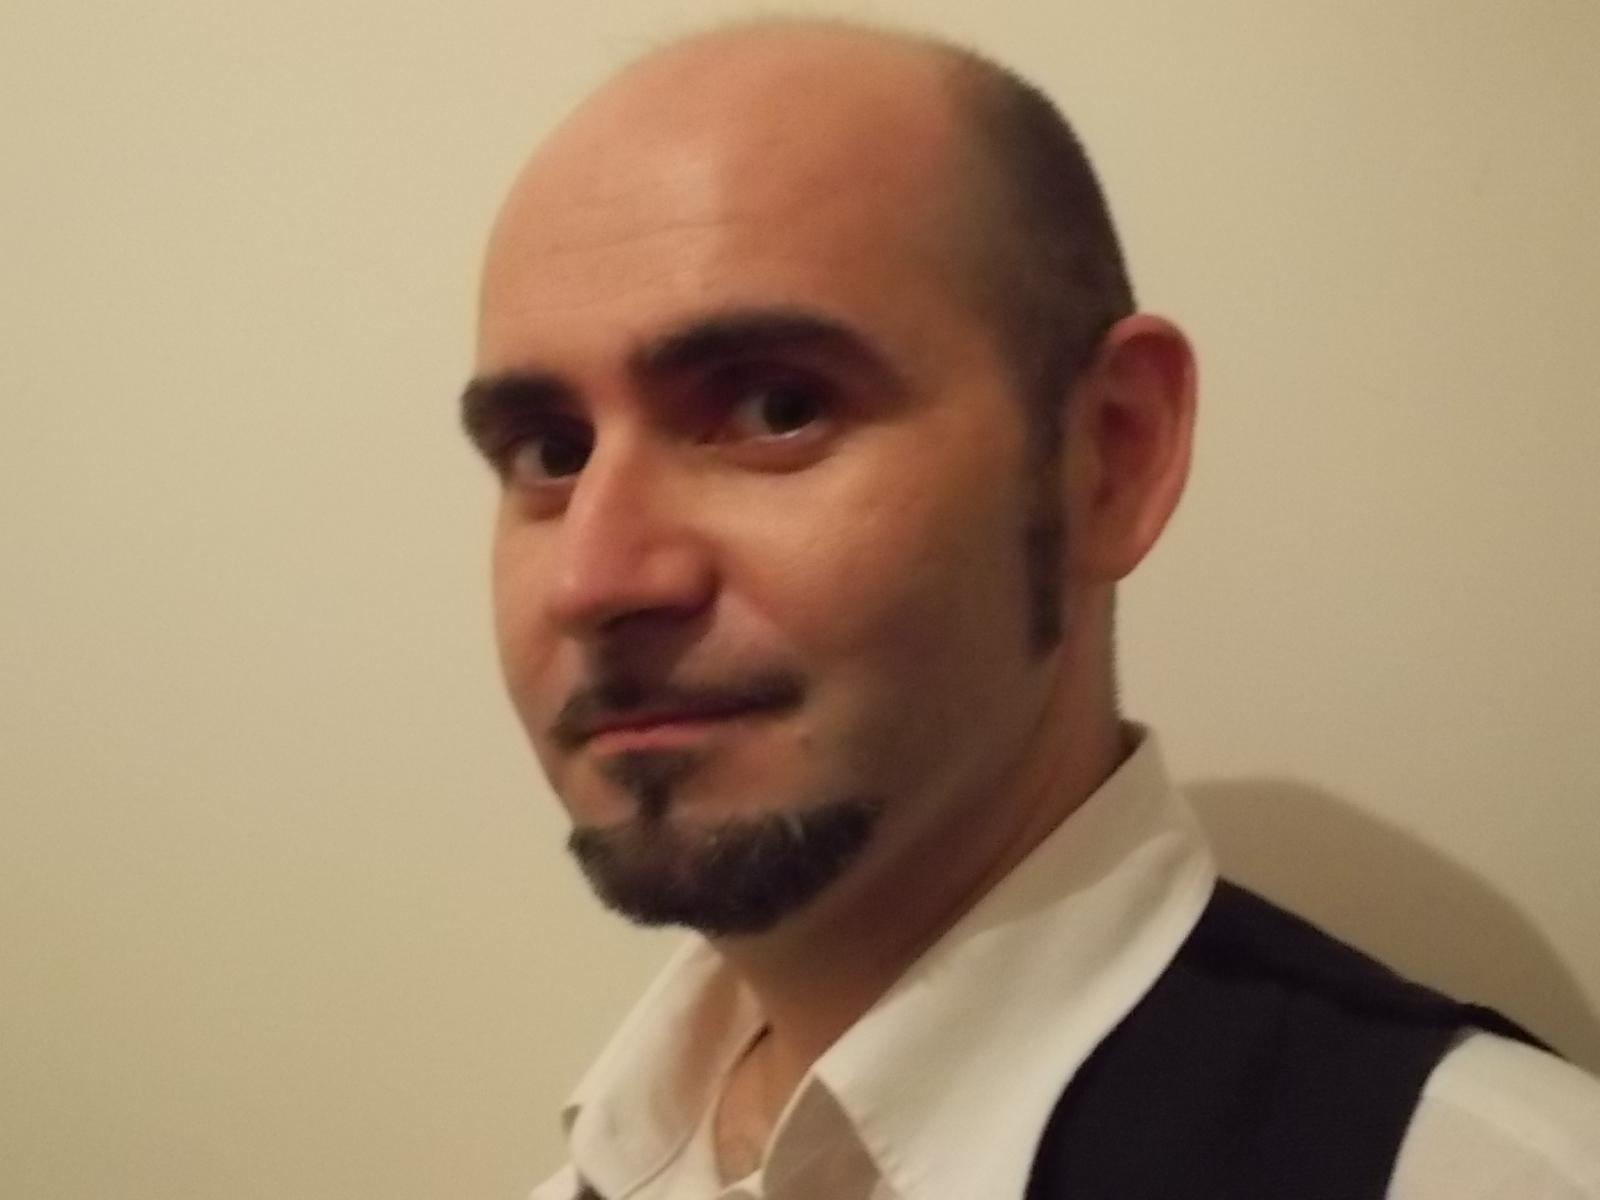 Daniele Spanu